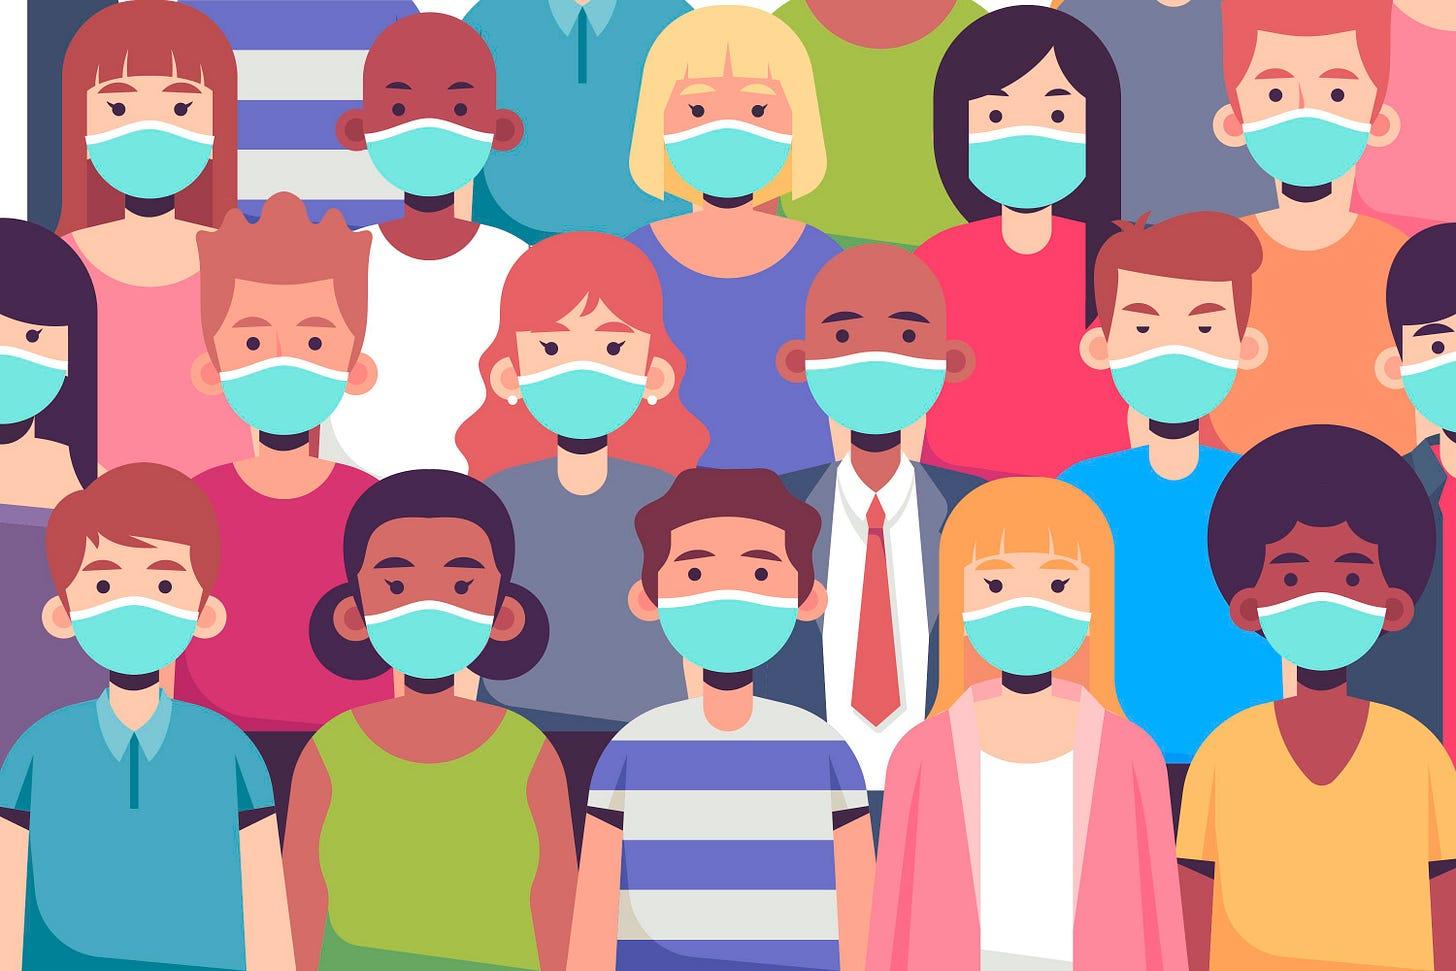 El peligro de centrarse en los síntomas de la pandemia y no en sus causas -  Duna 89.7 | Duna 89.7